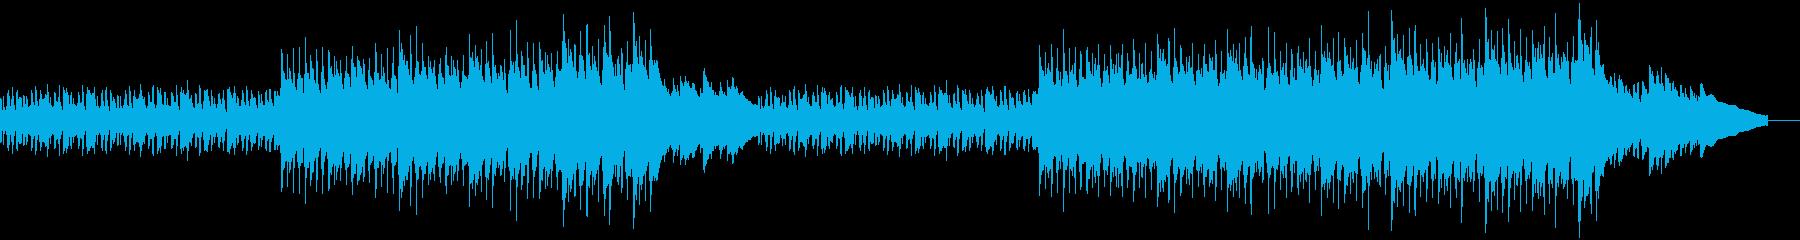 ピアノの繰り返しフレーズで進行していく曲の再生済みの波形